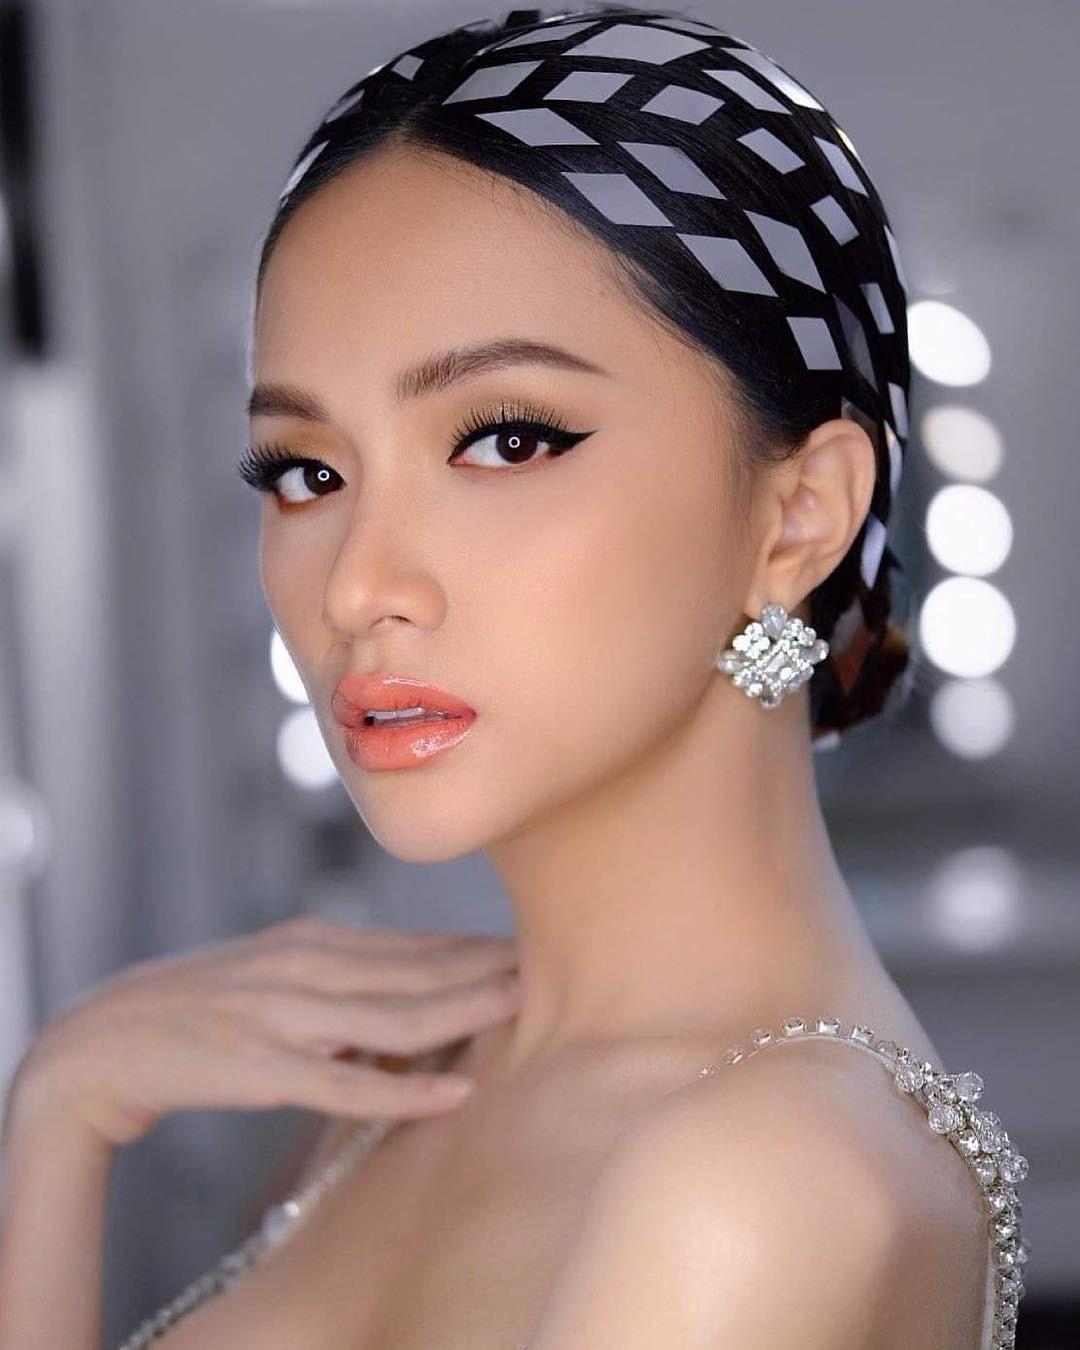 Dạo gần đây, Hương Giang đang trở thành hoa hậu thích chơi lớn nhất trong số các hoa hậu - Ảnh 2.